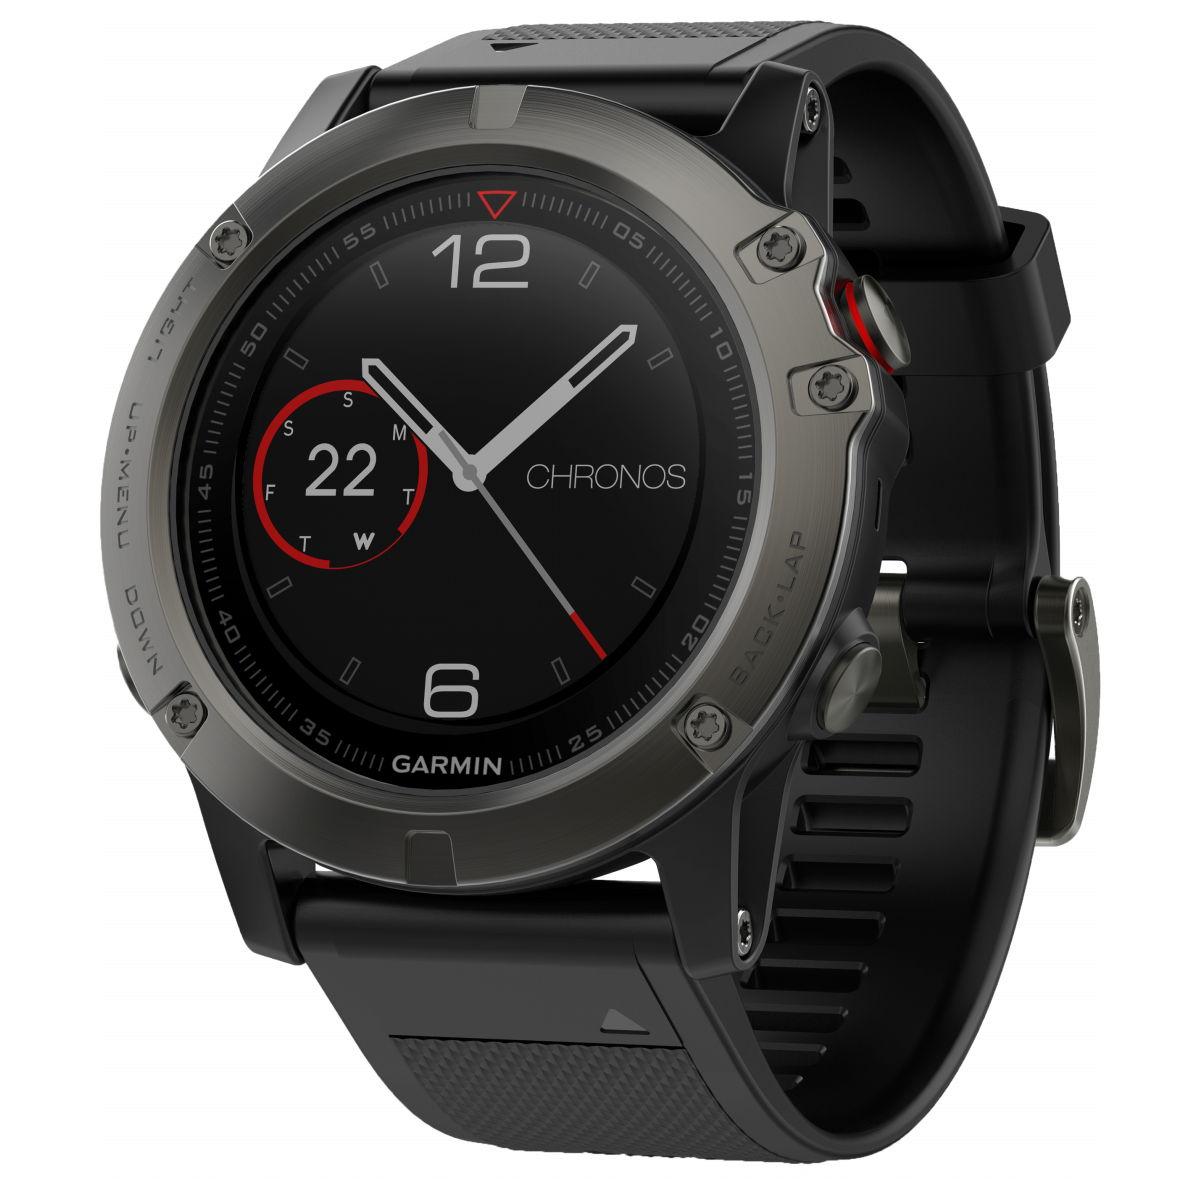 ガーミン GARMIN フェニックス 5X fenix 5X Sapphire スマートウォッチ ウェアラブル端末 腕時計 メンズ レディース 010-01733-13